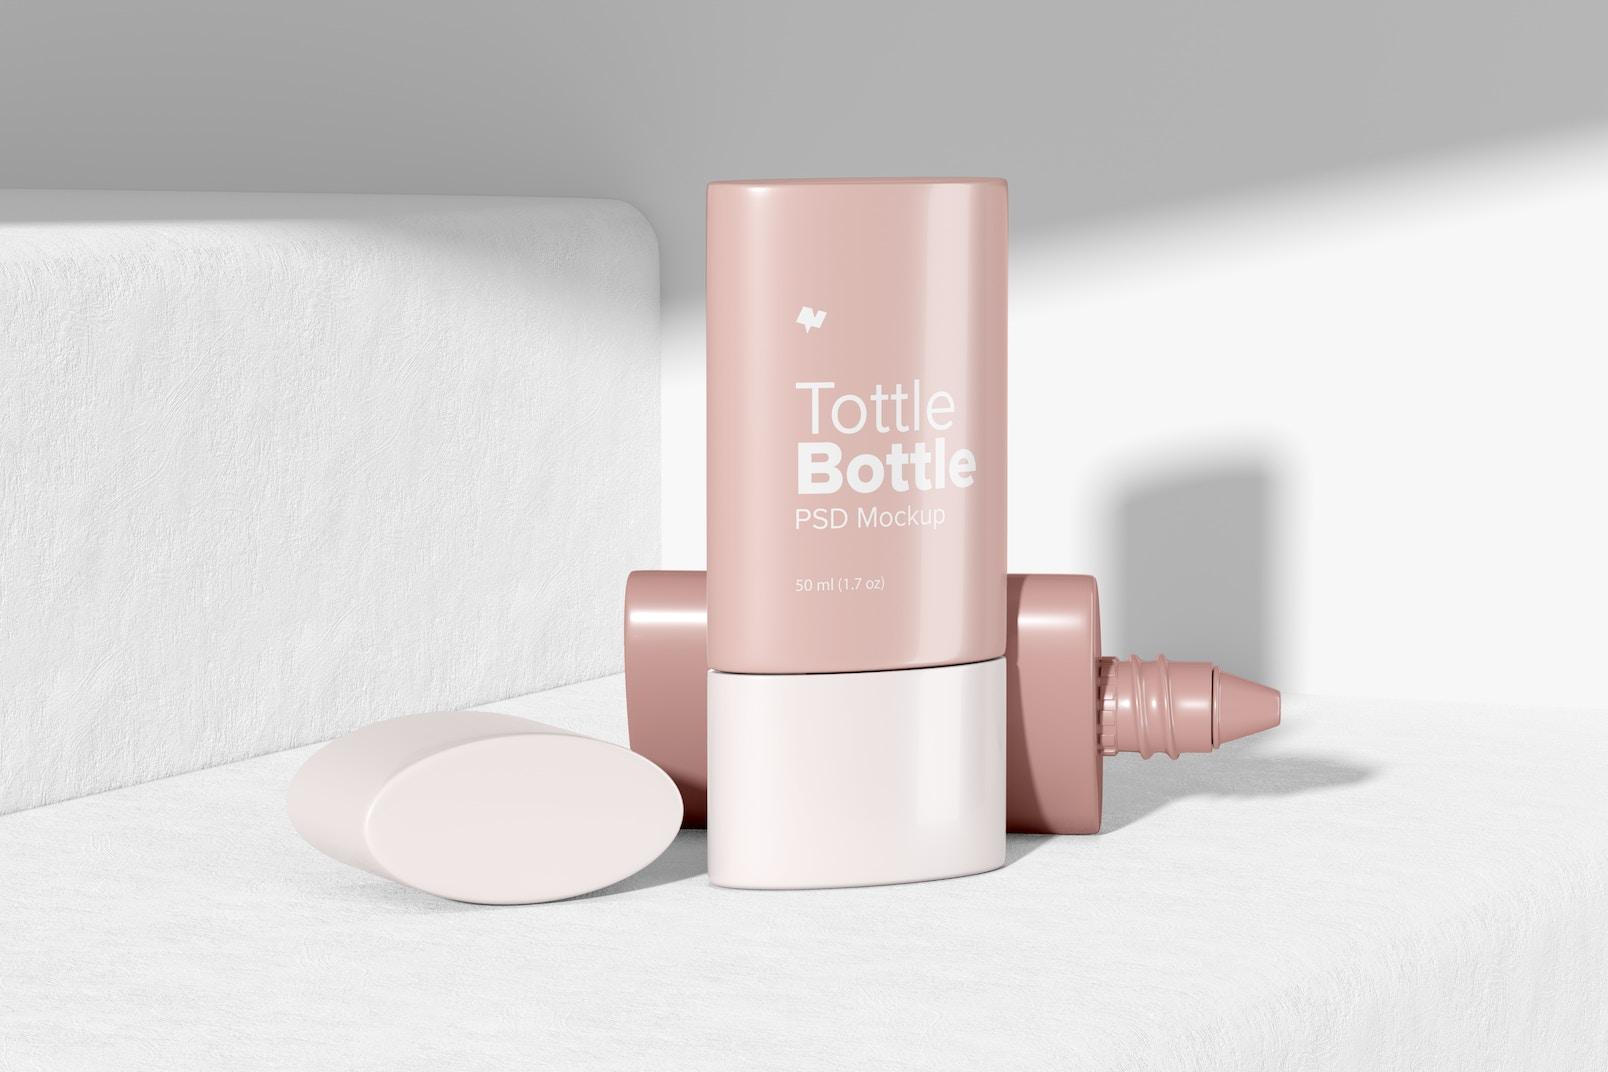 Tottle Bottles Mockup